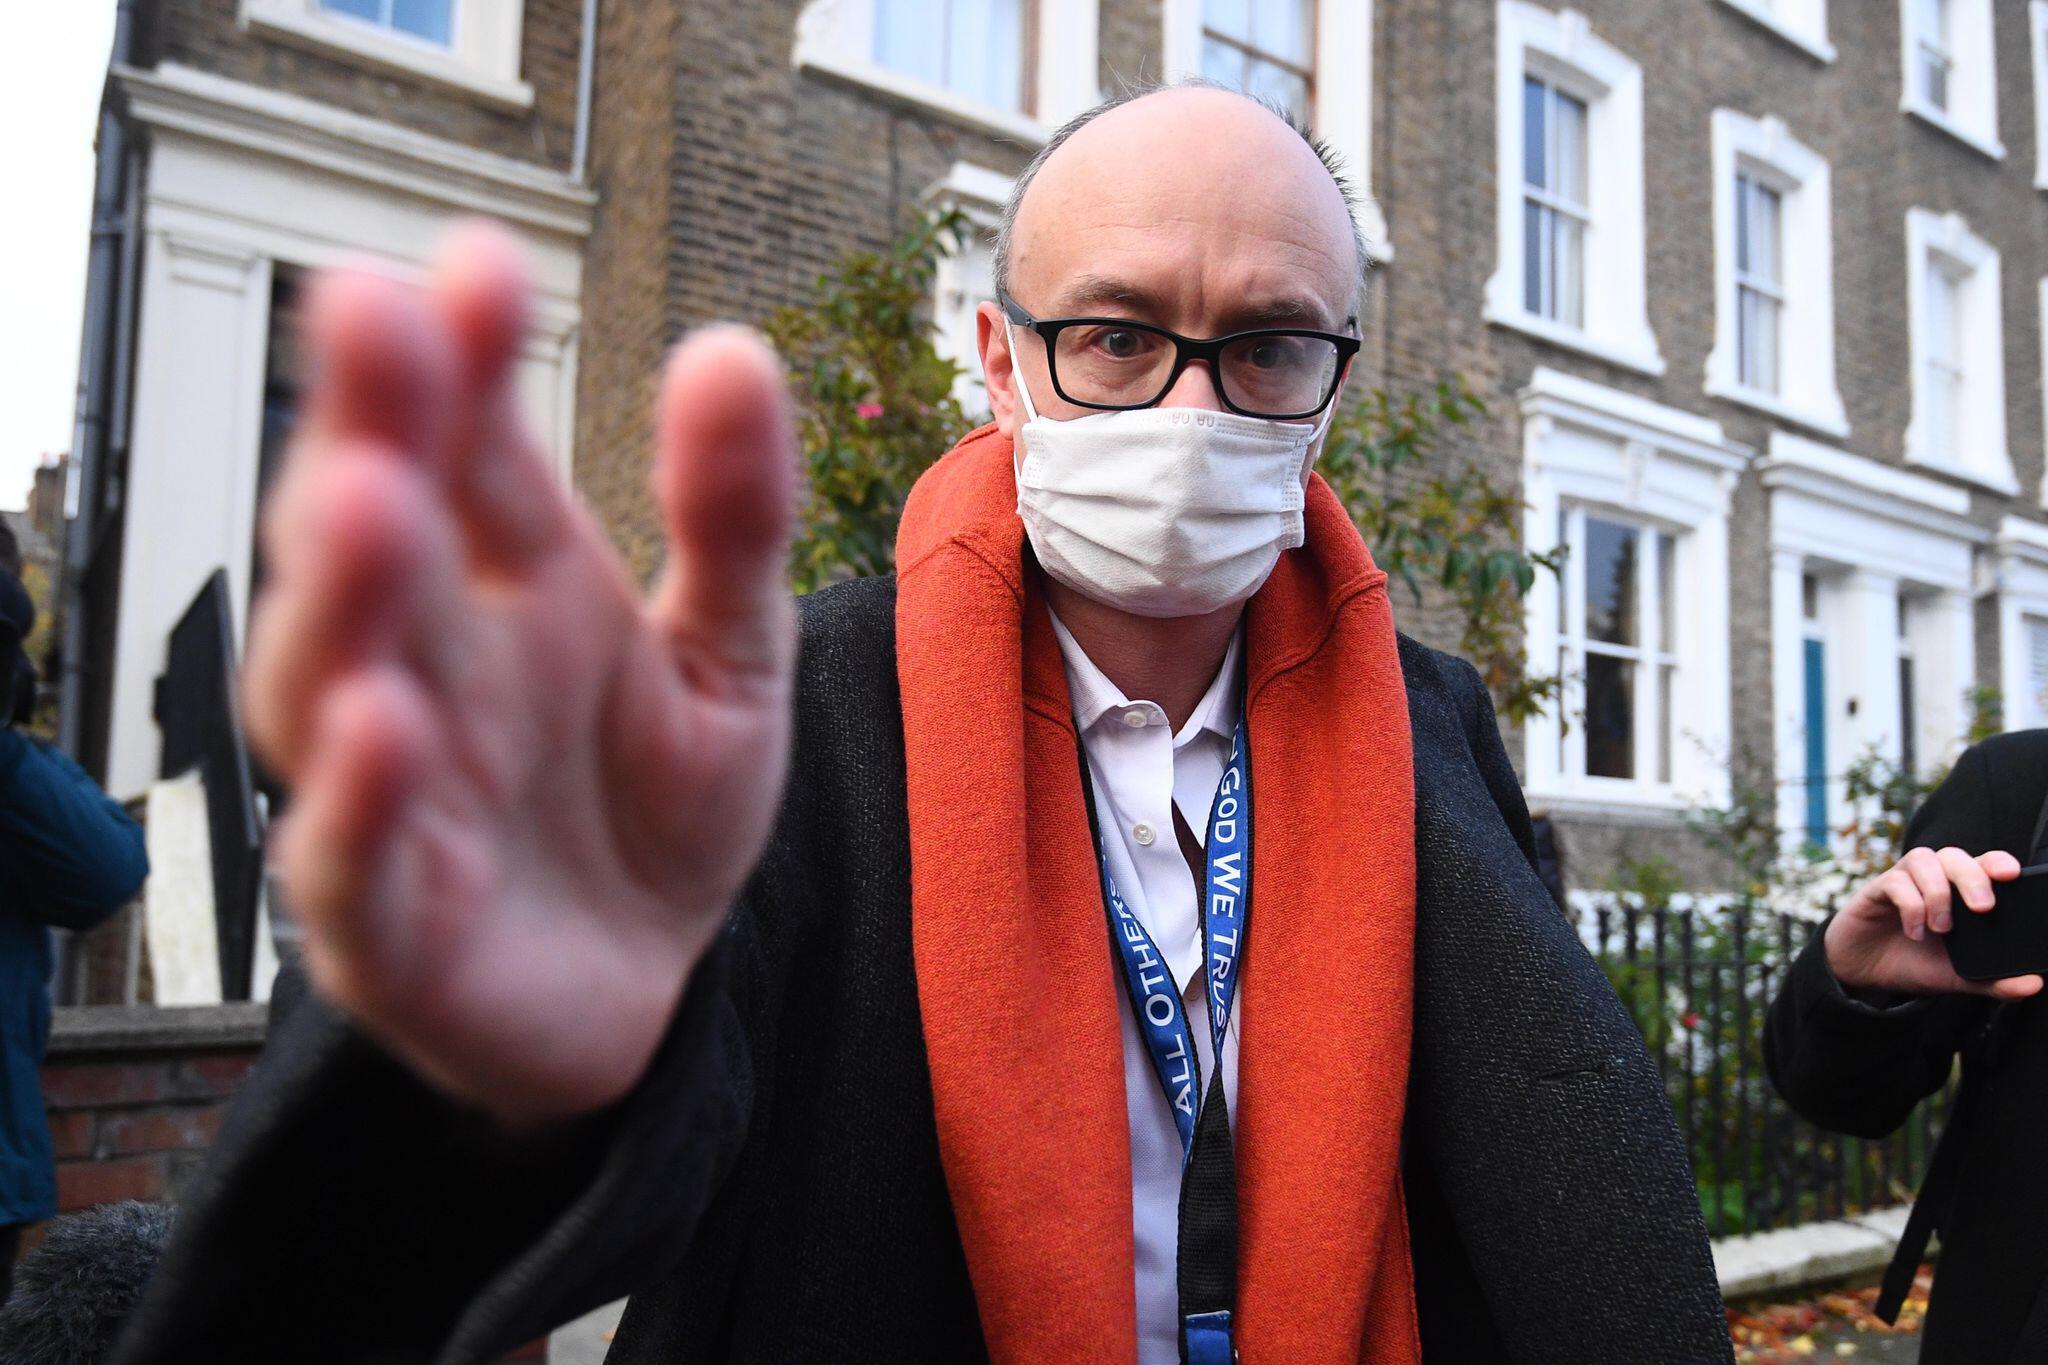 Pandemie unterschätzt: Premier Johnson wollte sich Coronavirus spritzen lassen